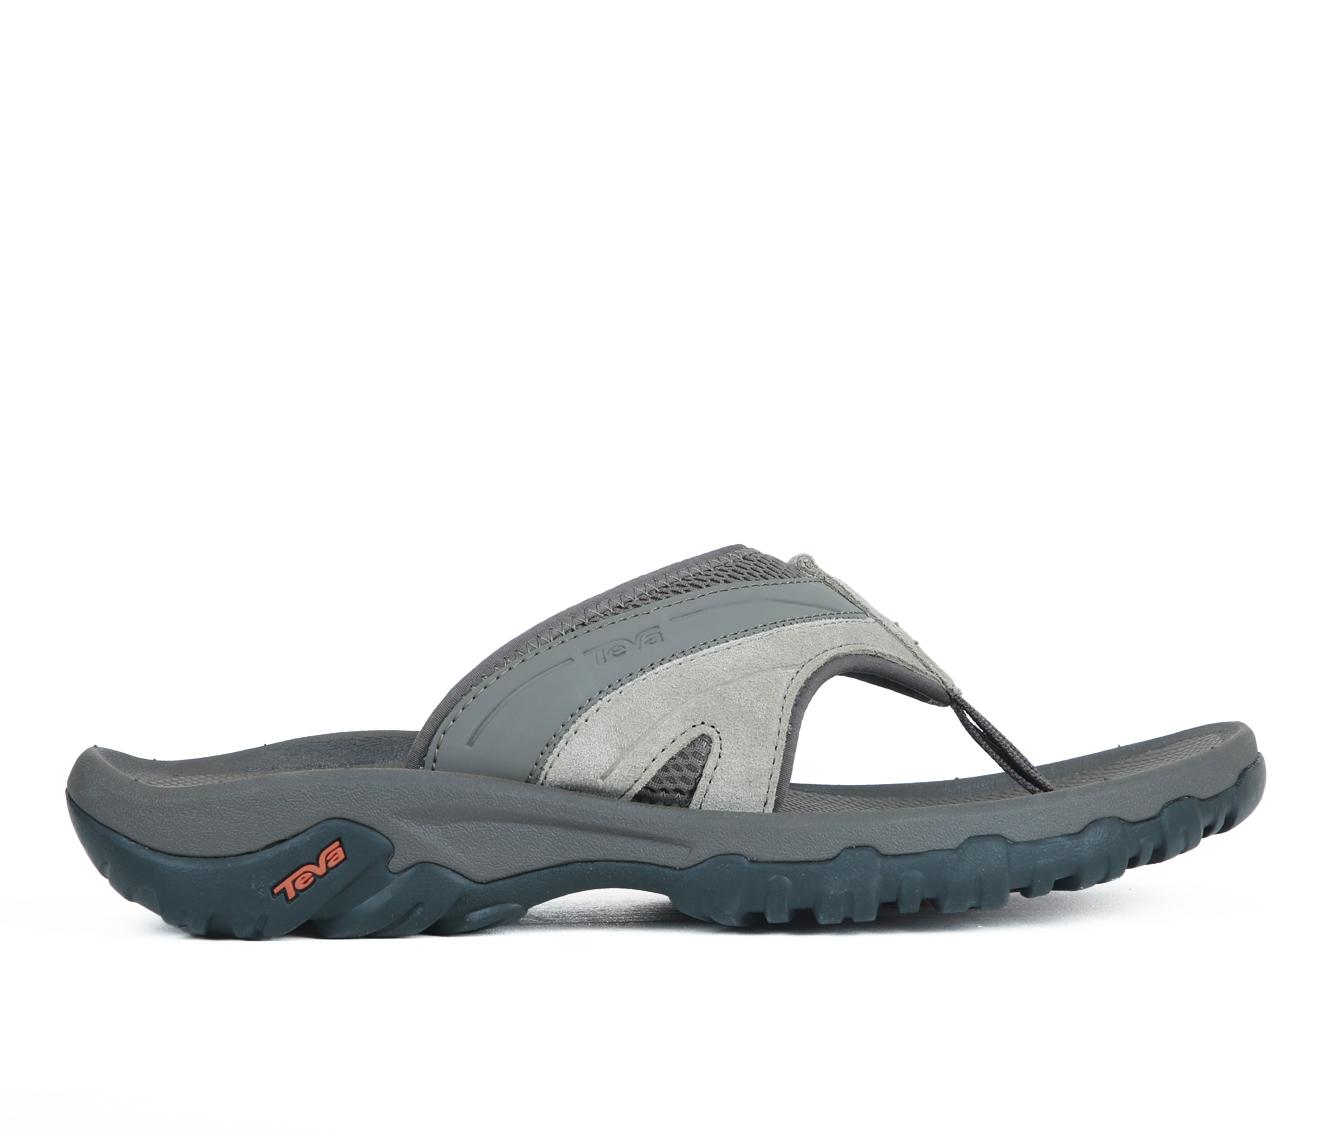 Men's Teva Pajaro Sandals (Beige)